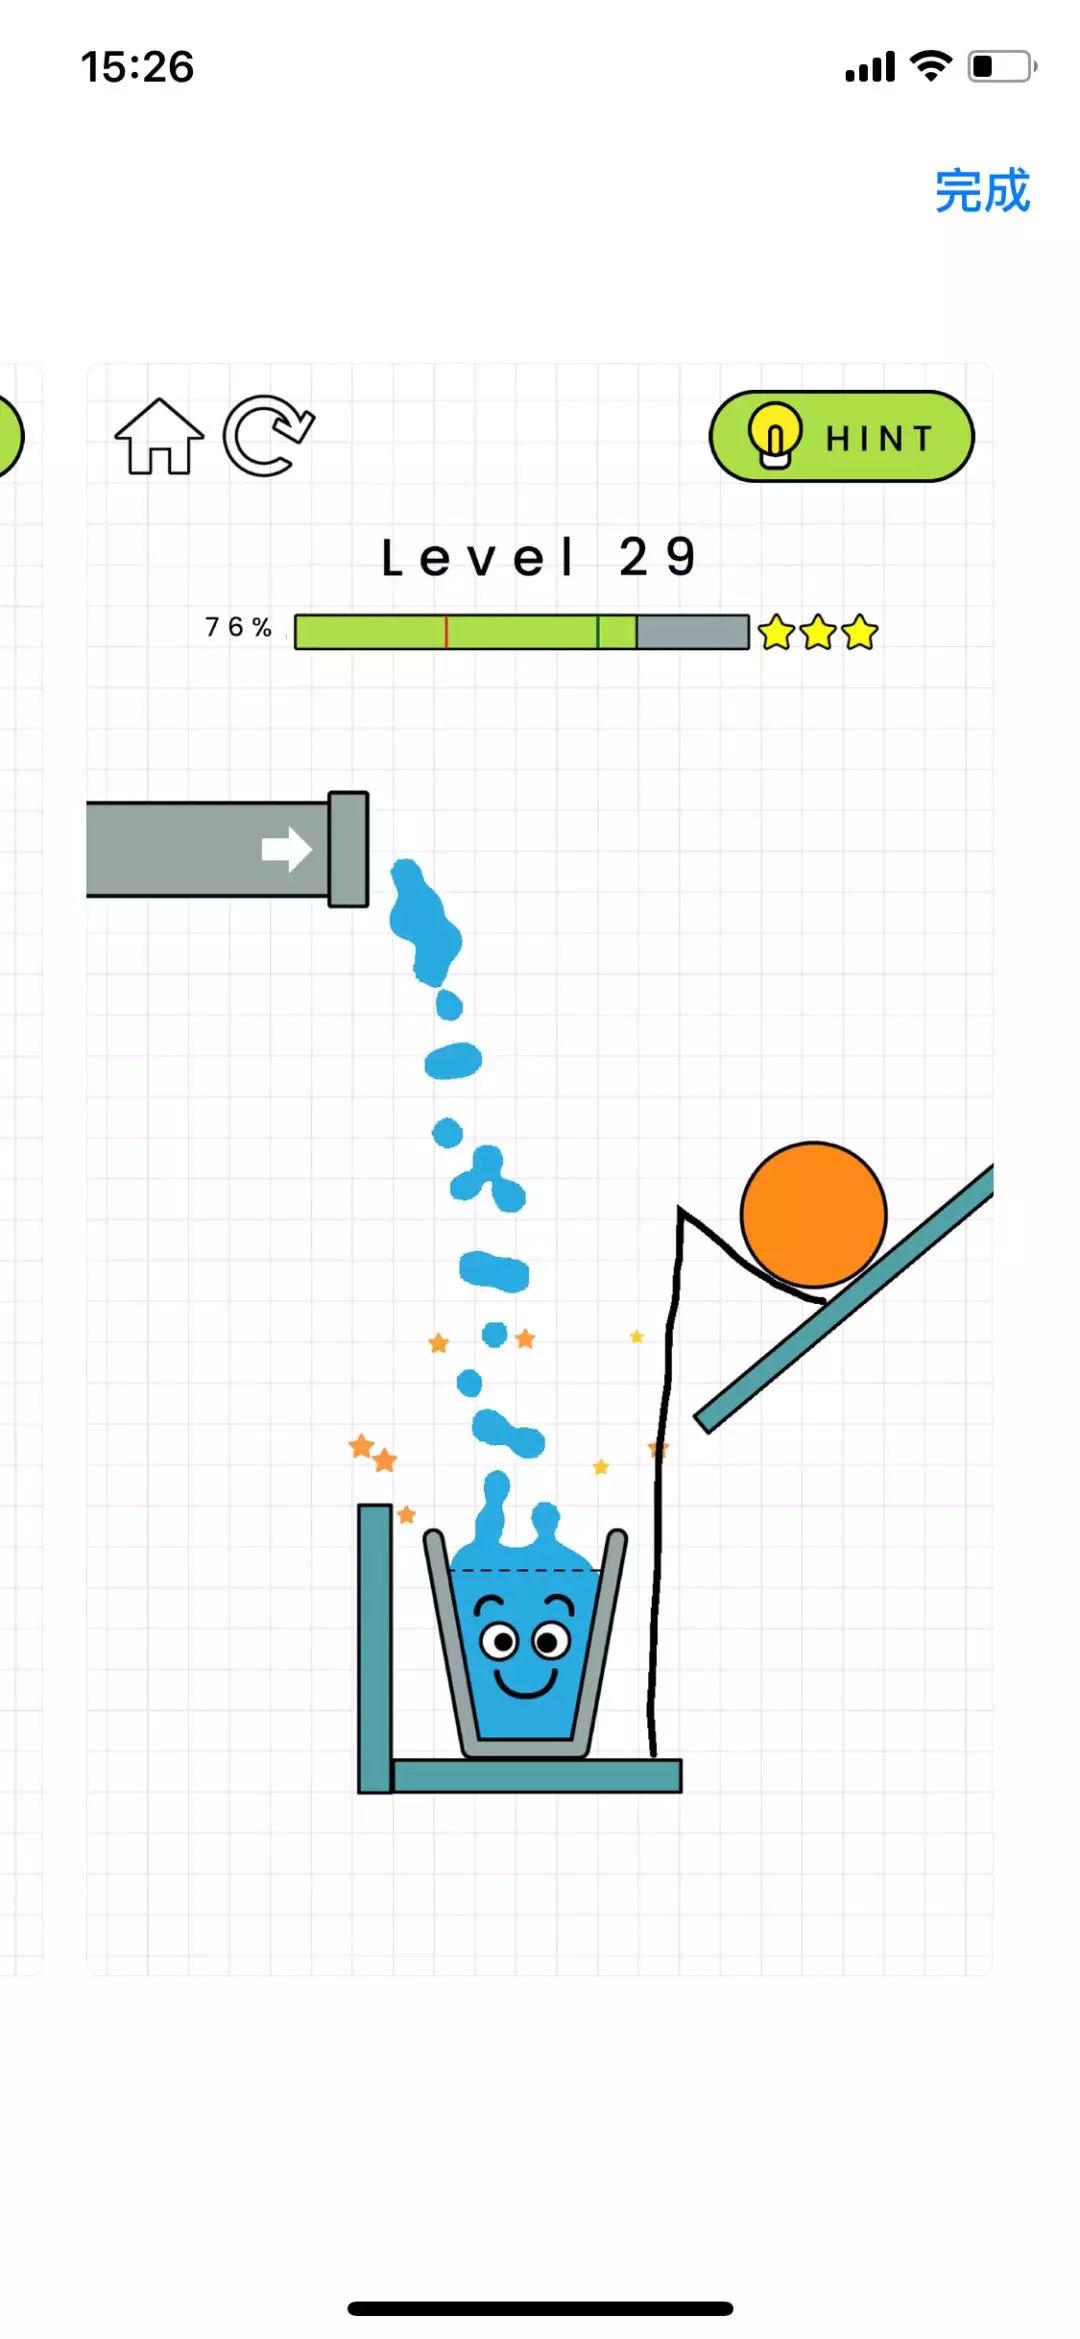 抖音疯狂爆粉的绝佳玩法:10天时间打造一个10万粉的号